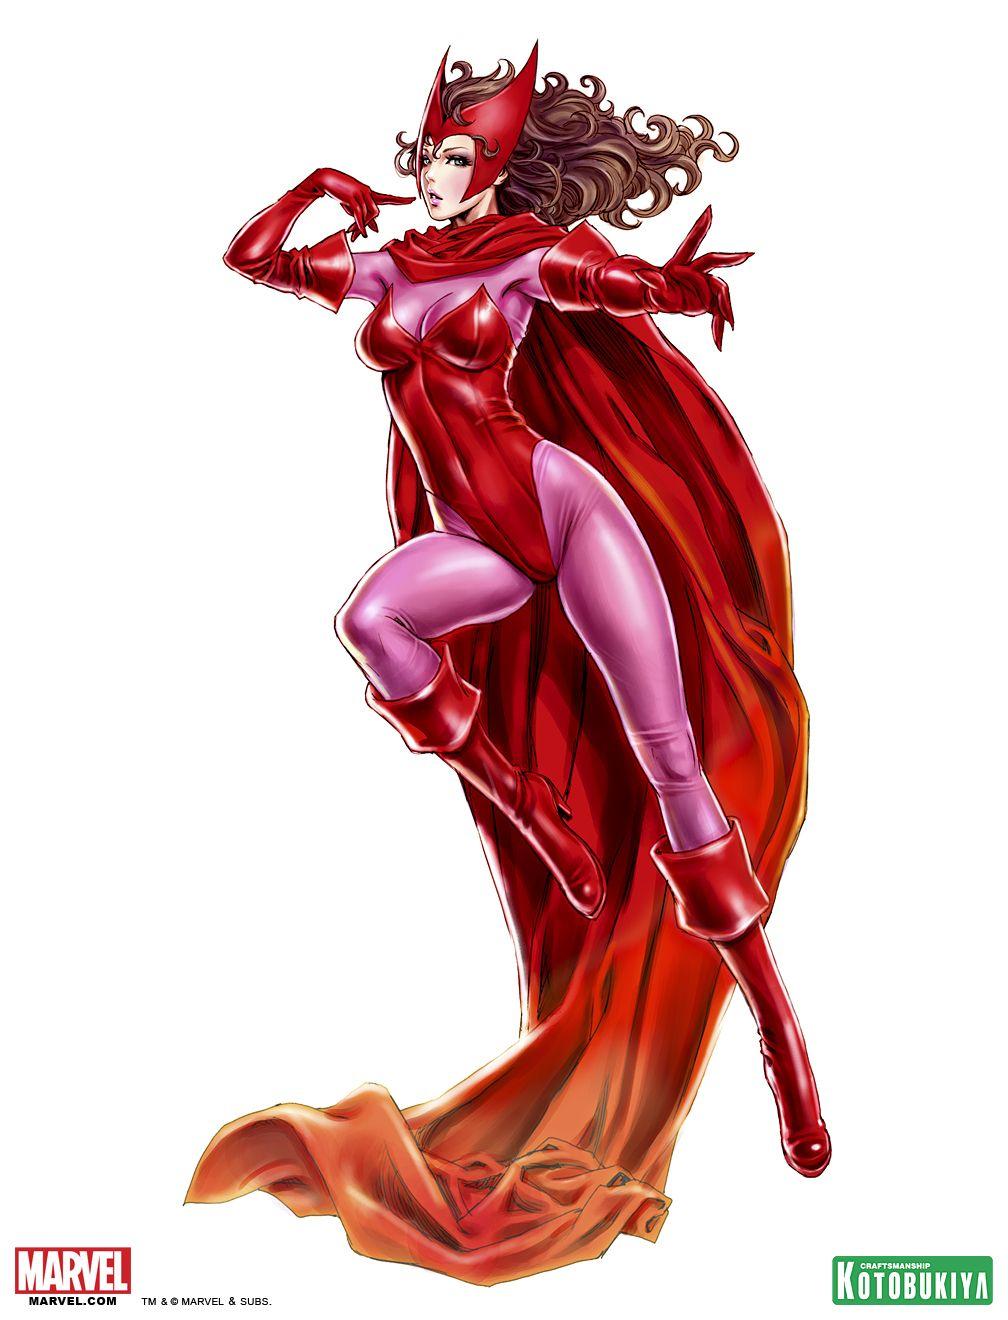 Kotobukiya Scarlet Witch Bishoujo Illustration By Shunya Yamashita